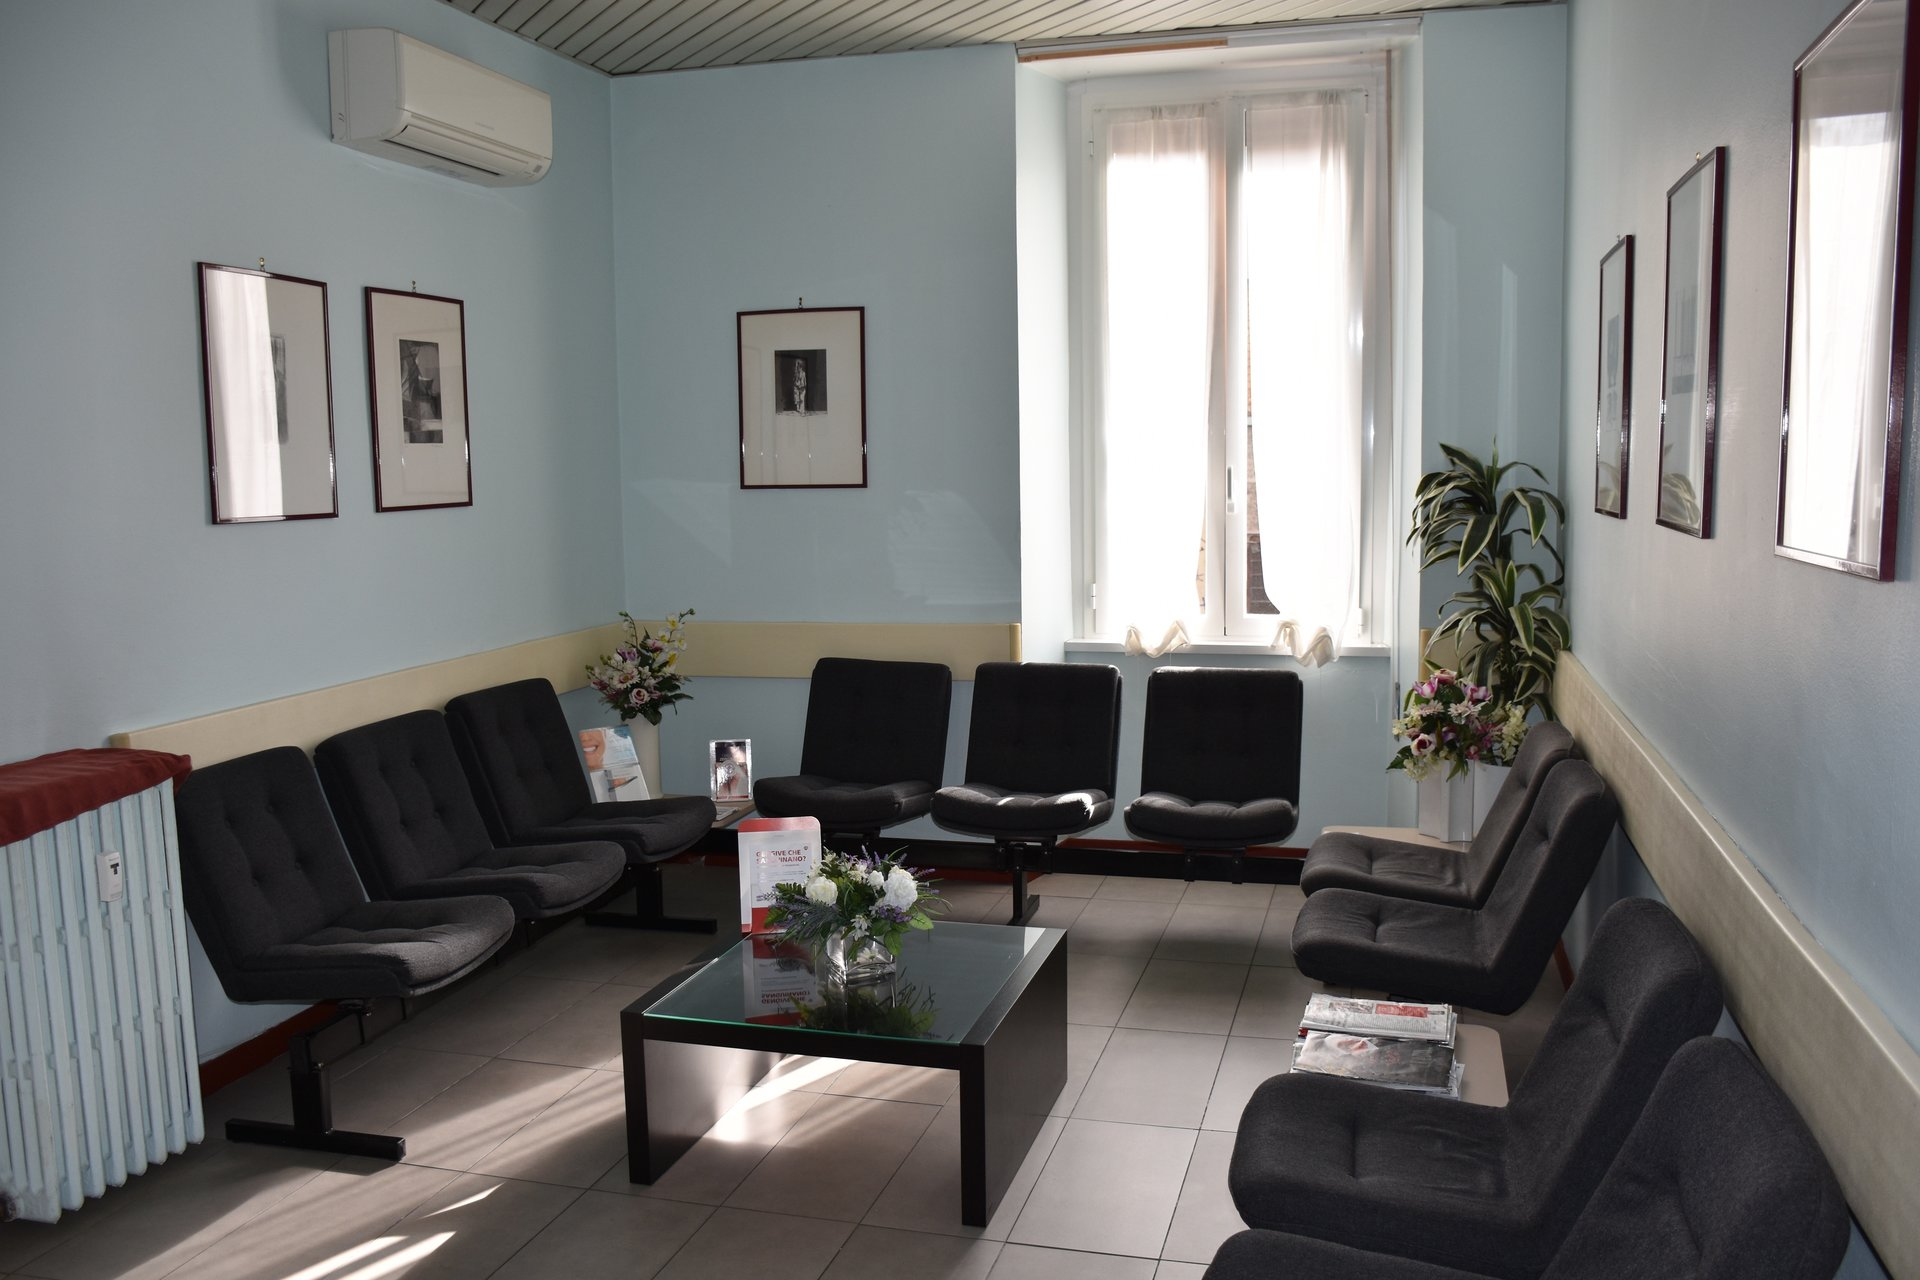 Studio dentistico